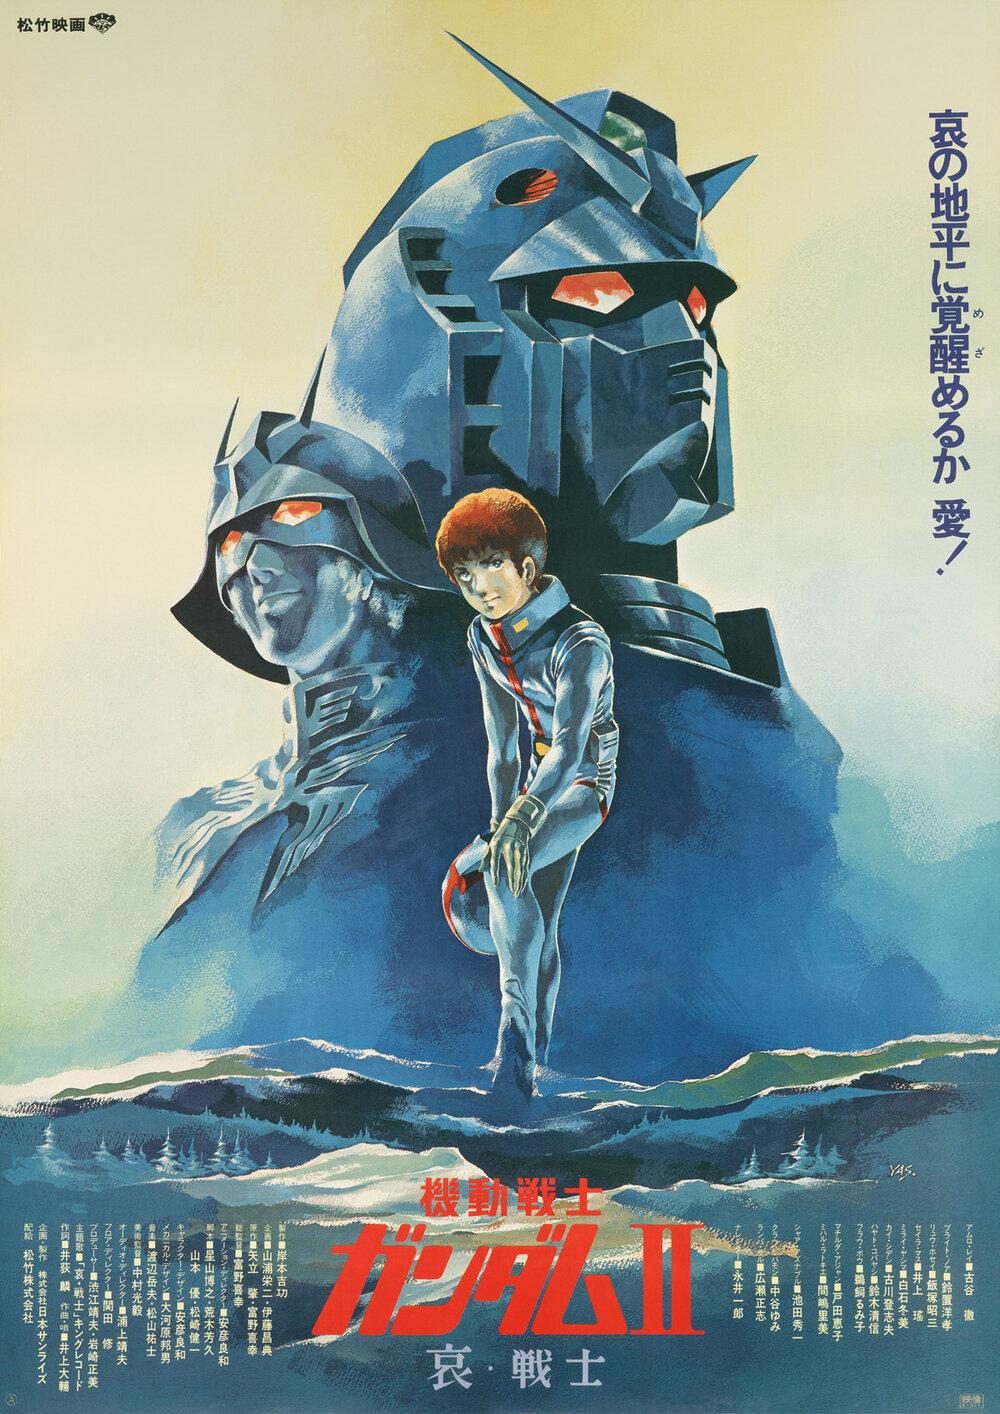 """La trilogie de films """"Mobile Suit Gundam"""" disponible gratuitement sur YouTube"""